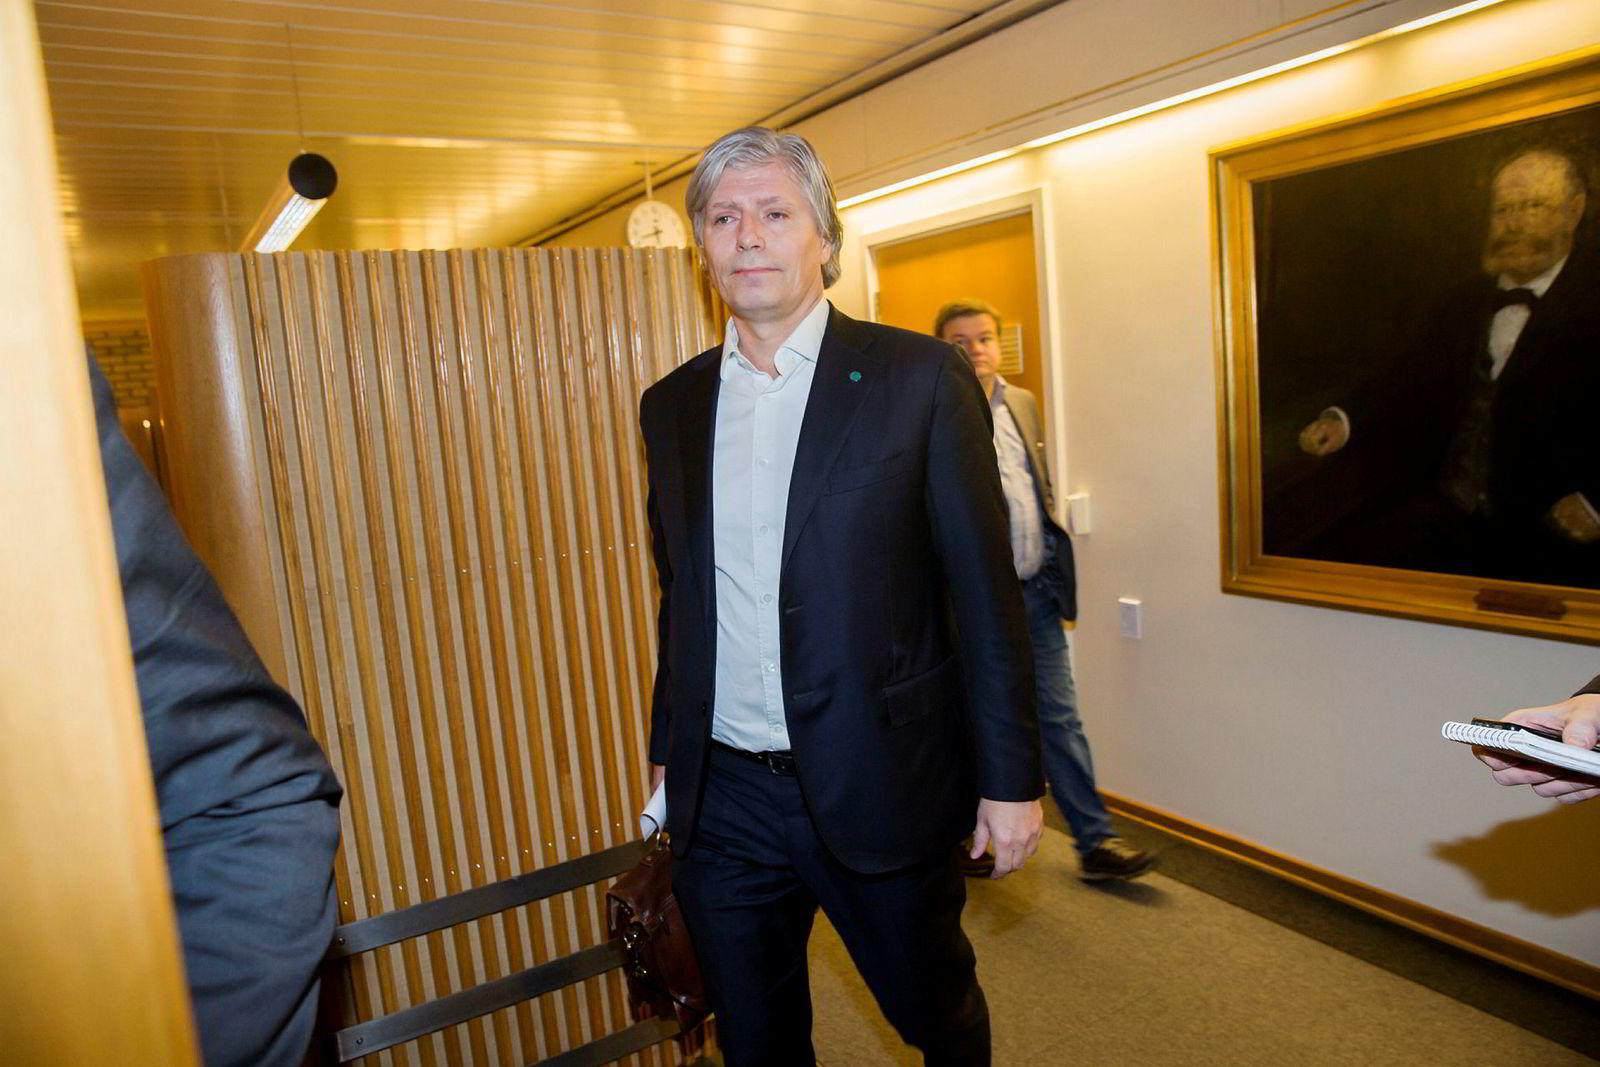 Nestleder Ola Elvestuen i Venstre er overrasket over at Miljødirektoratet nå er pålagt å destruere genmaterialet.